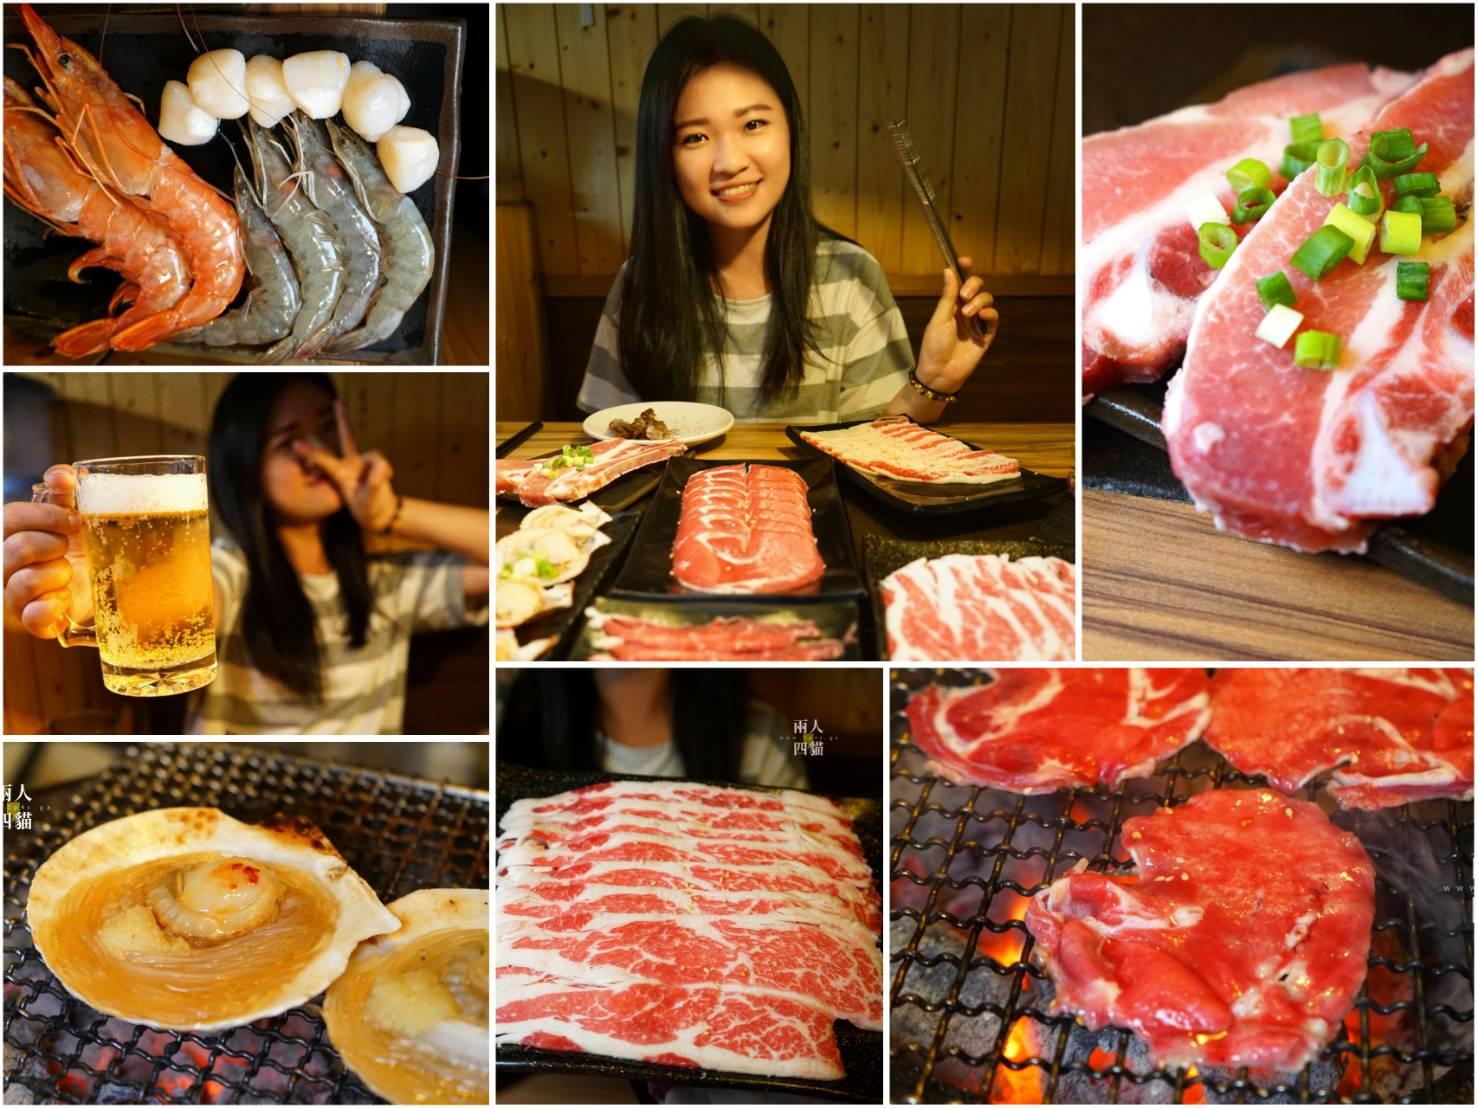 【台北|美食】公館商圈超狂燒肉!【戰醬燒肉】和牛雪花、天使紅蝦、戰斧豬排吃到飽